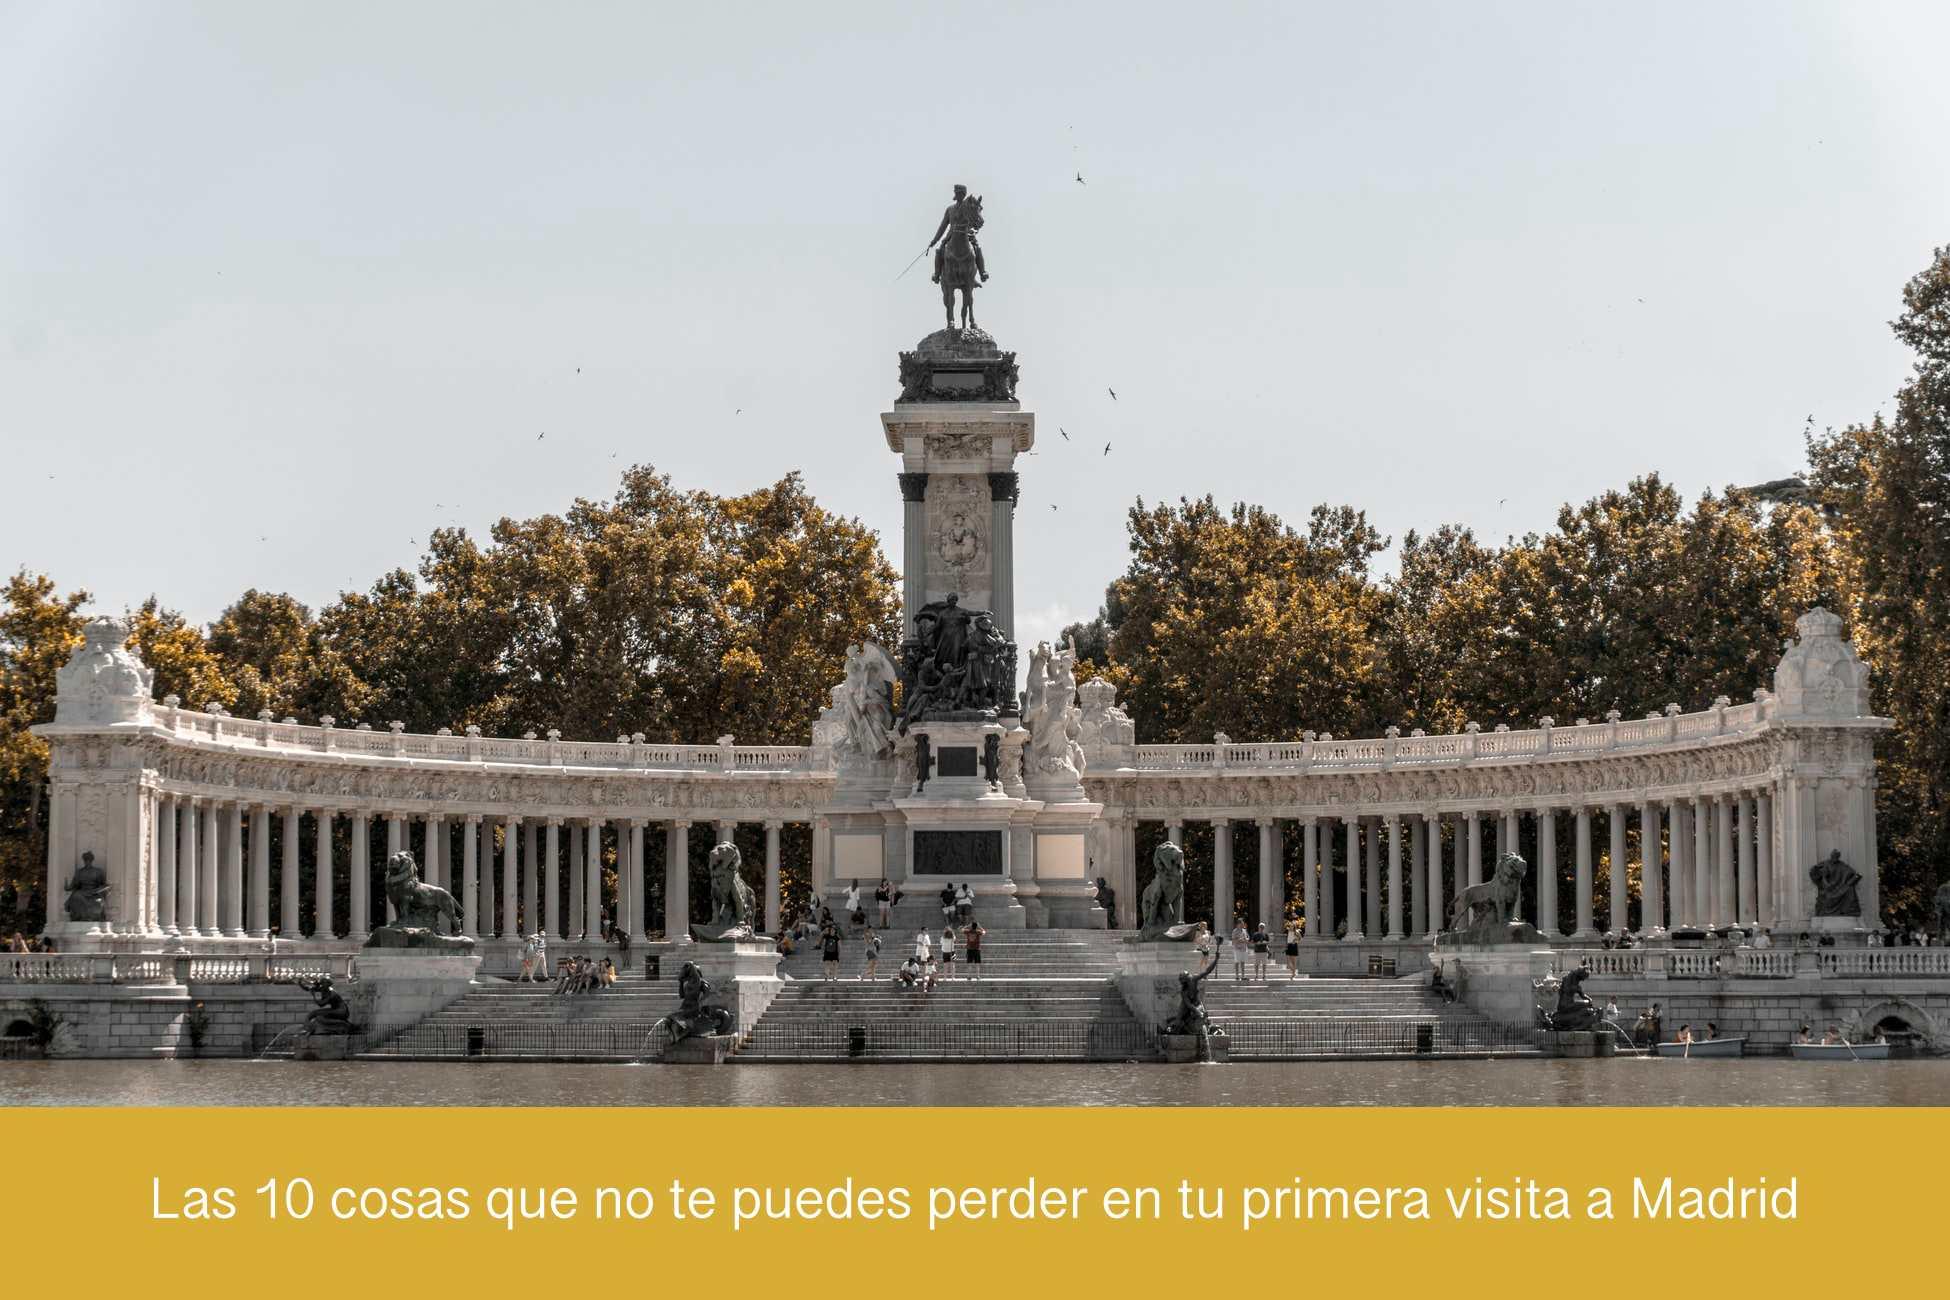 Las-10-cosas-que-no-te-puedes-perder-en-tu-primera-visita-a-Madrid